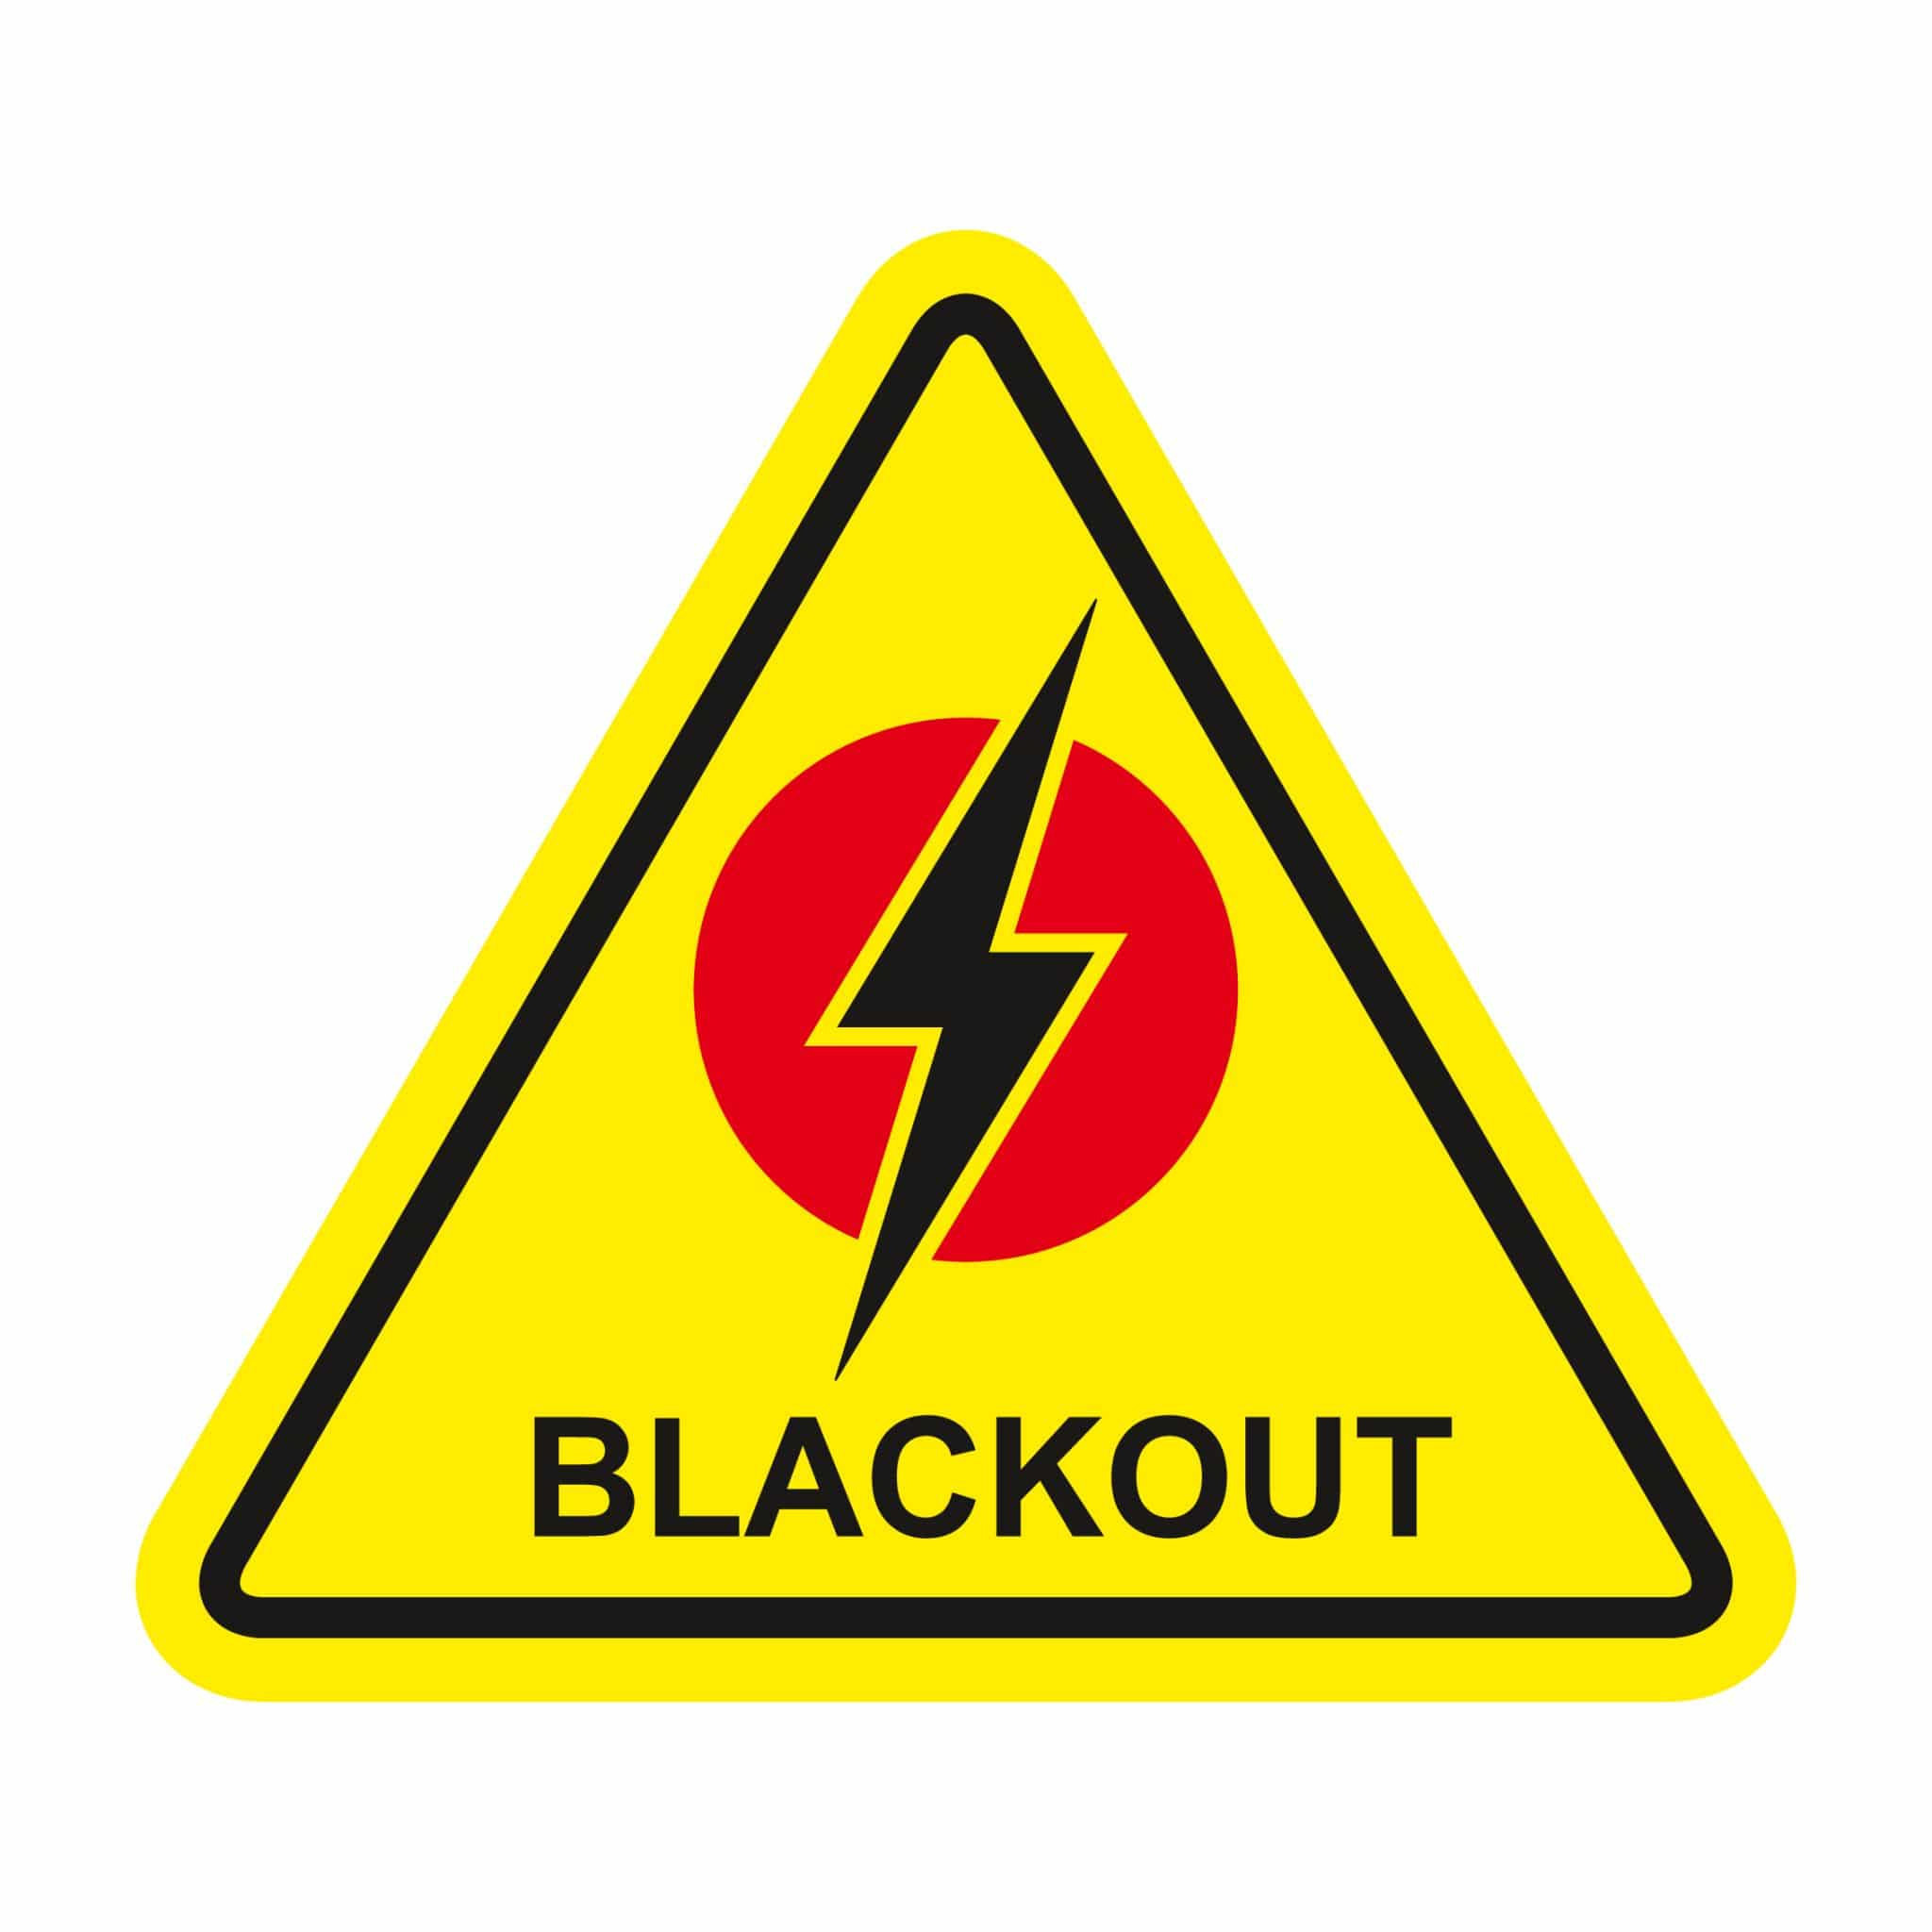 Schadensersatz für Stromausfall